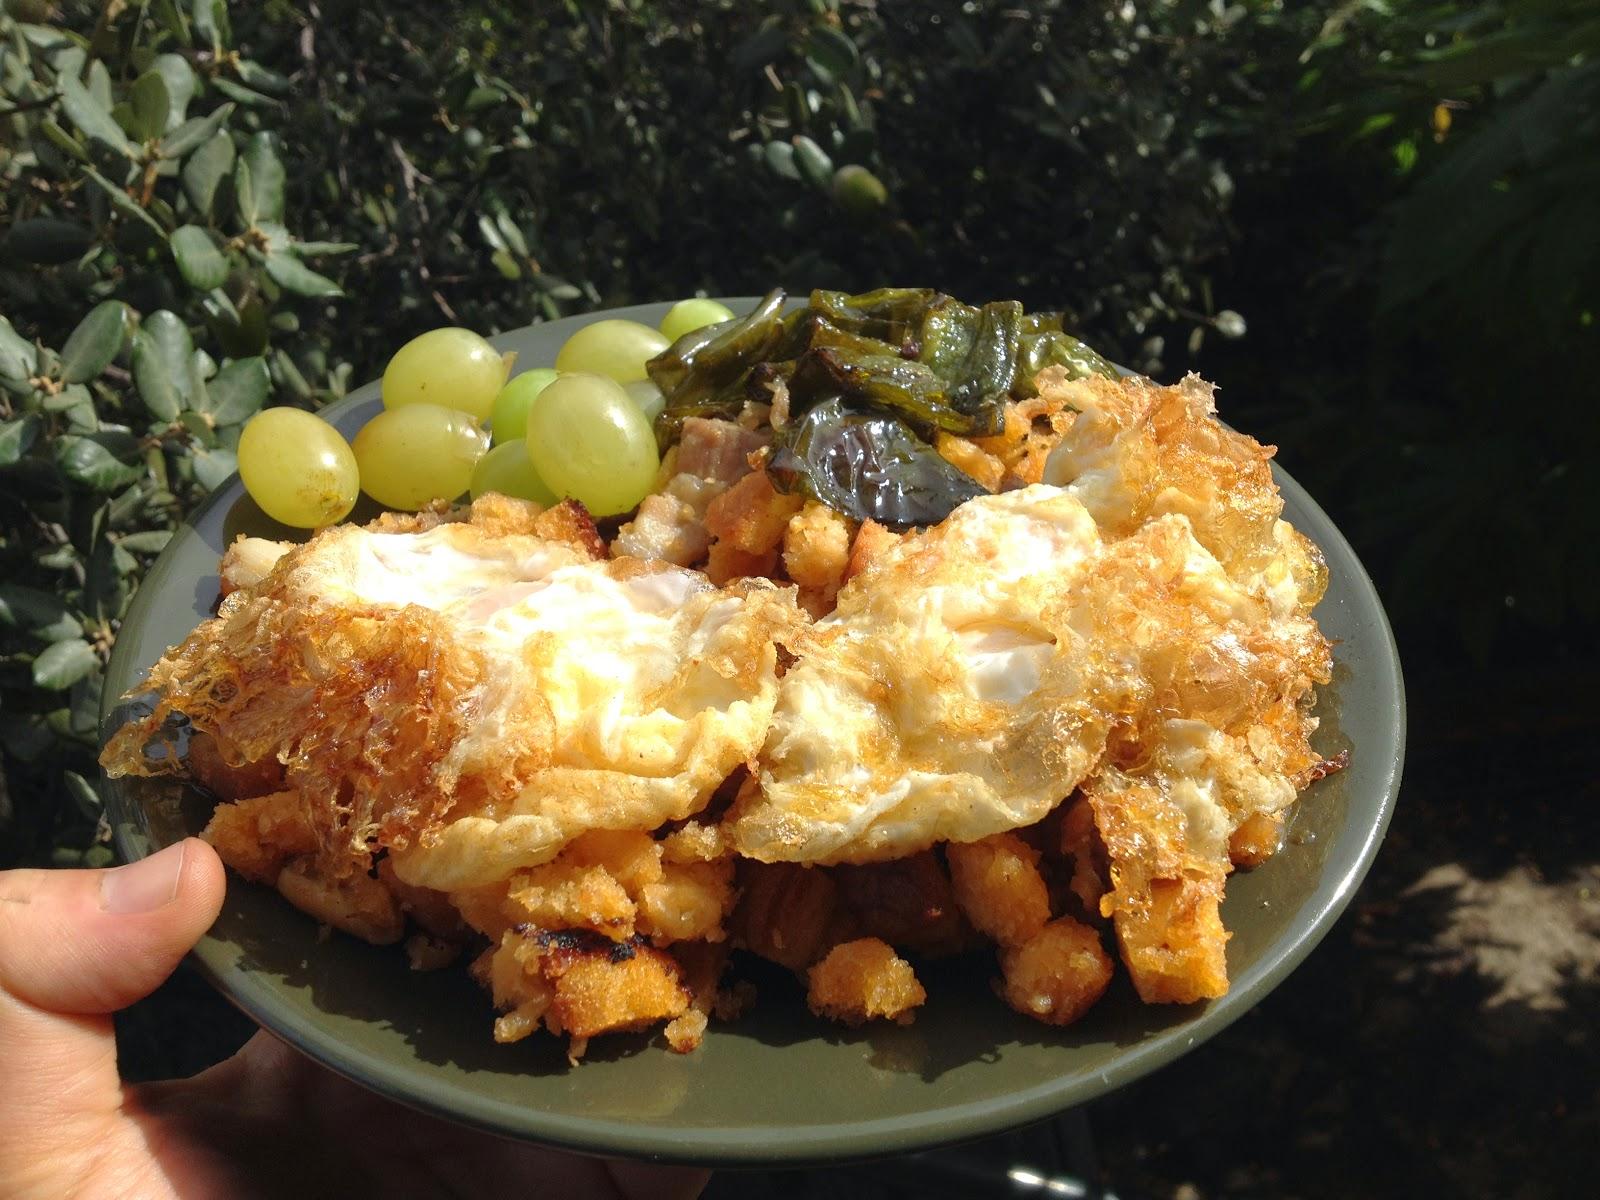 Migas con huevos fritos, chorizo, panceta y uvas - receta - Vino tinto de Jumilla Juan Gil - barbacoa - el gastrónomo - el troblogdita - ÁlvaroGP